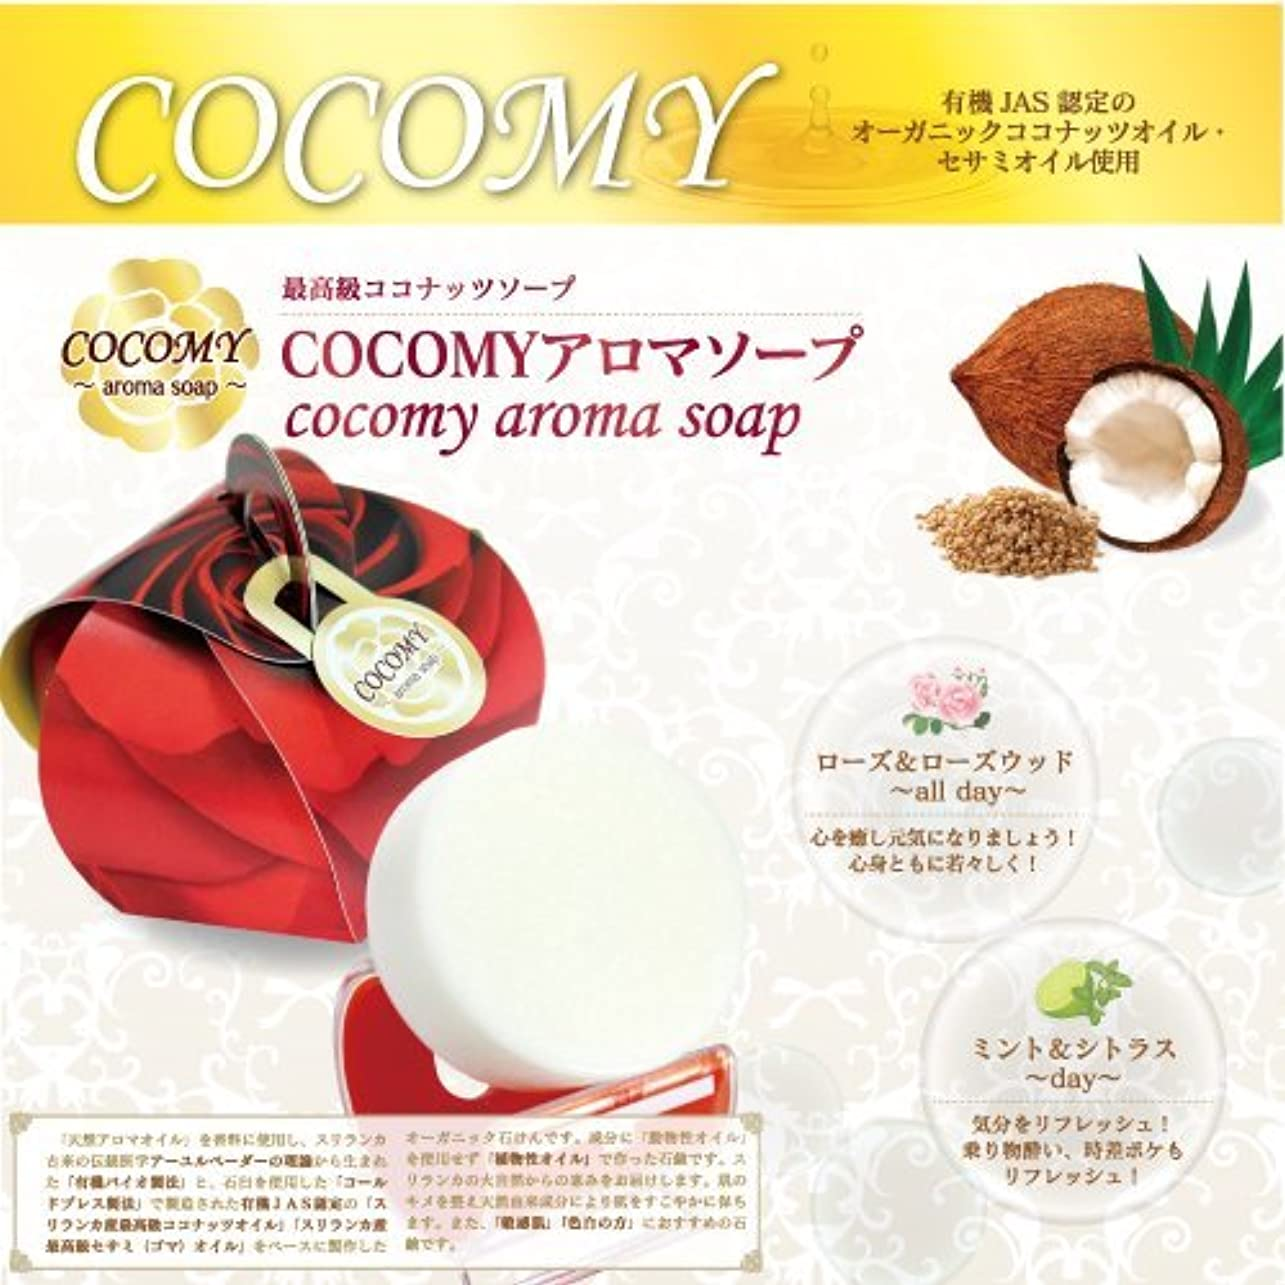 ゴミ箱信者生産性COCOMY aromaソープ 4個セット (ミント&シトラス)(ローズ&ローズウッド) 40g×各2